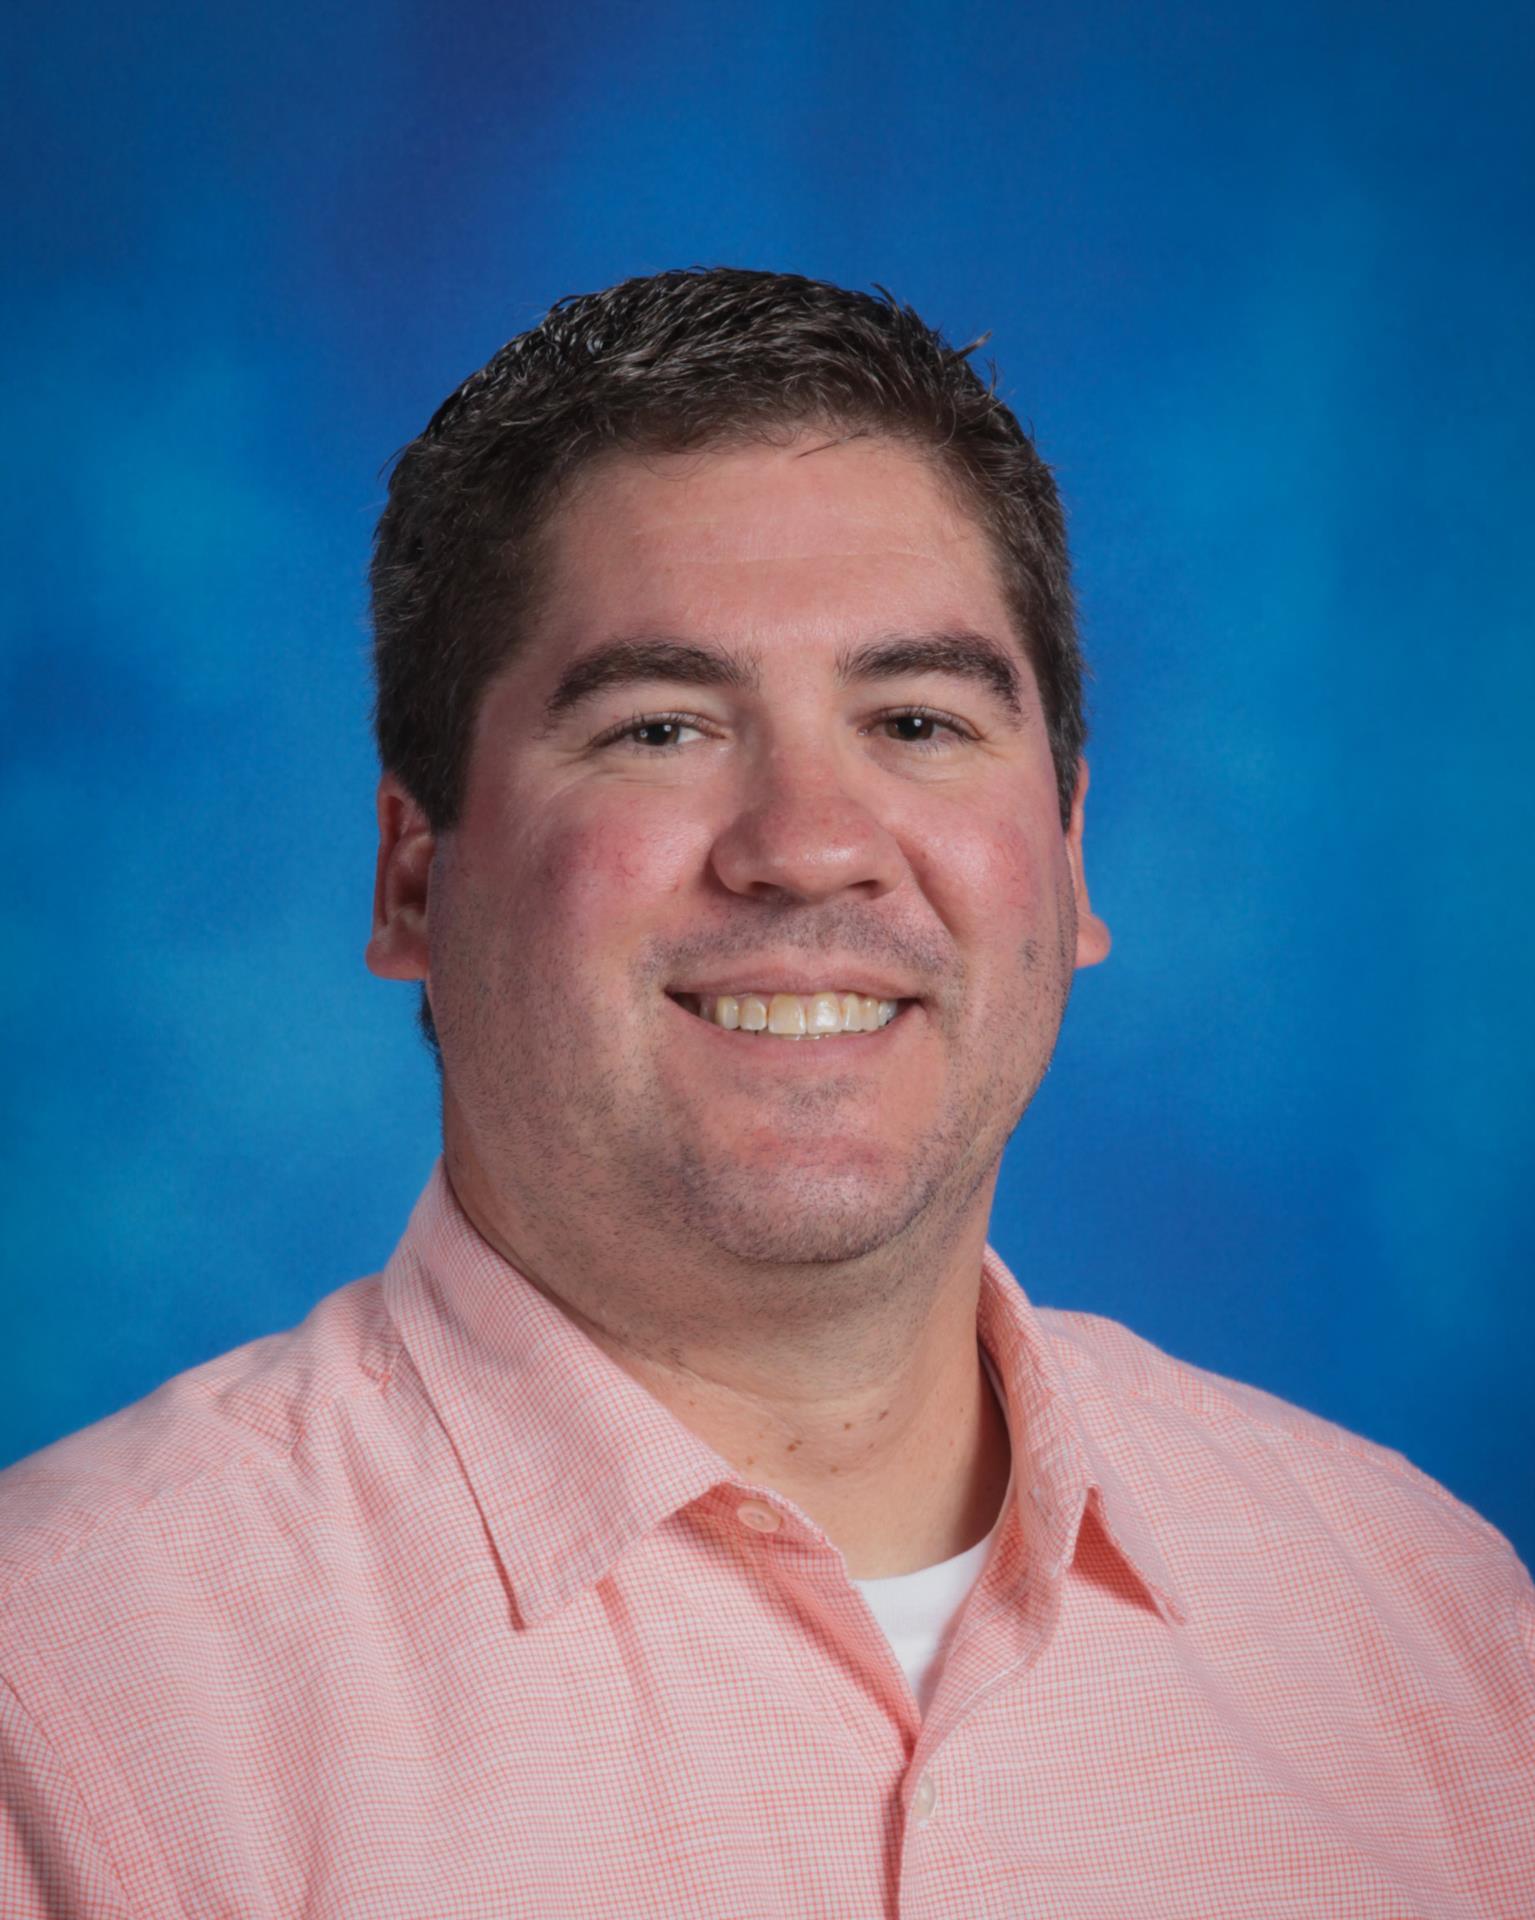 Picture of David Marinovich